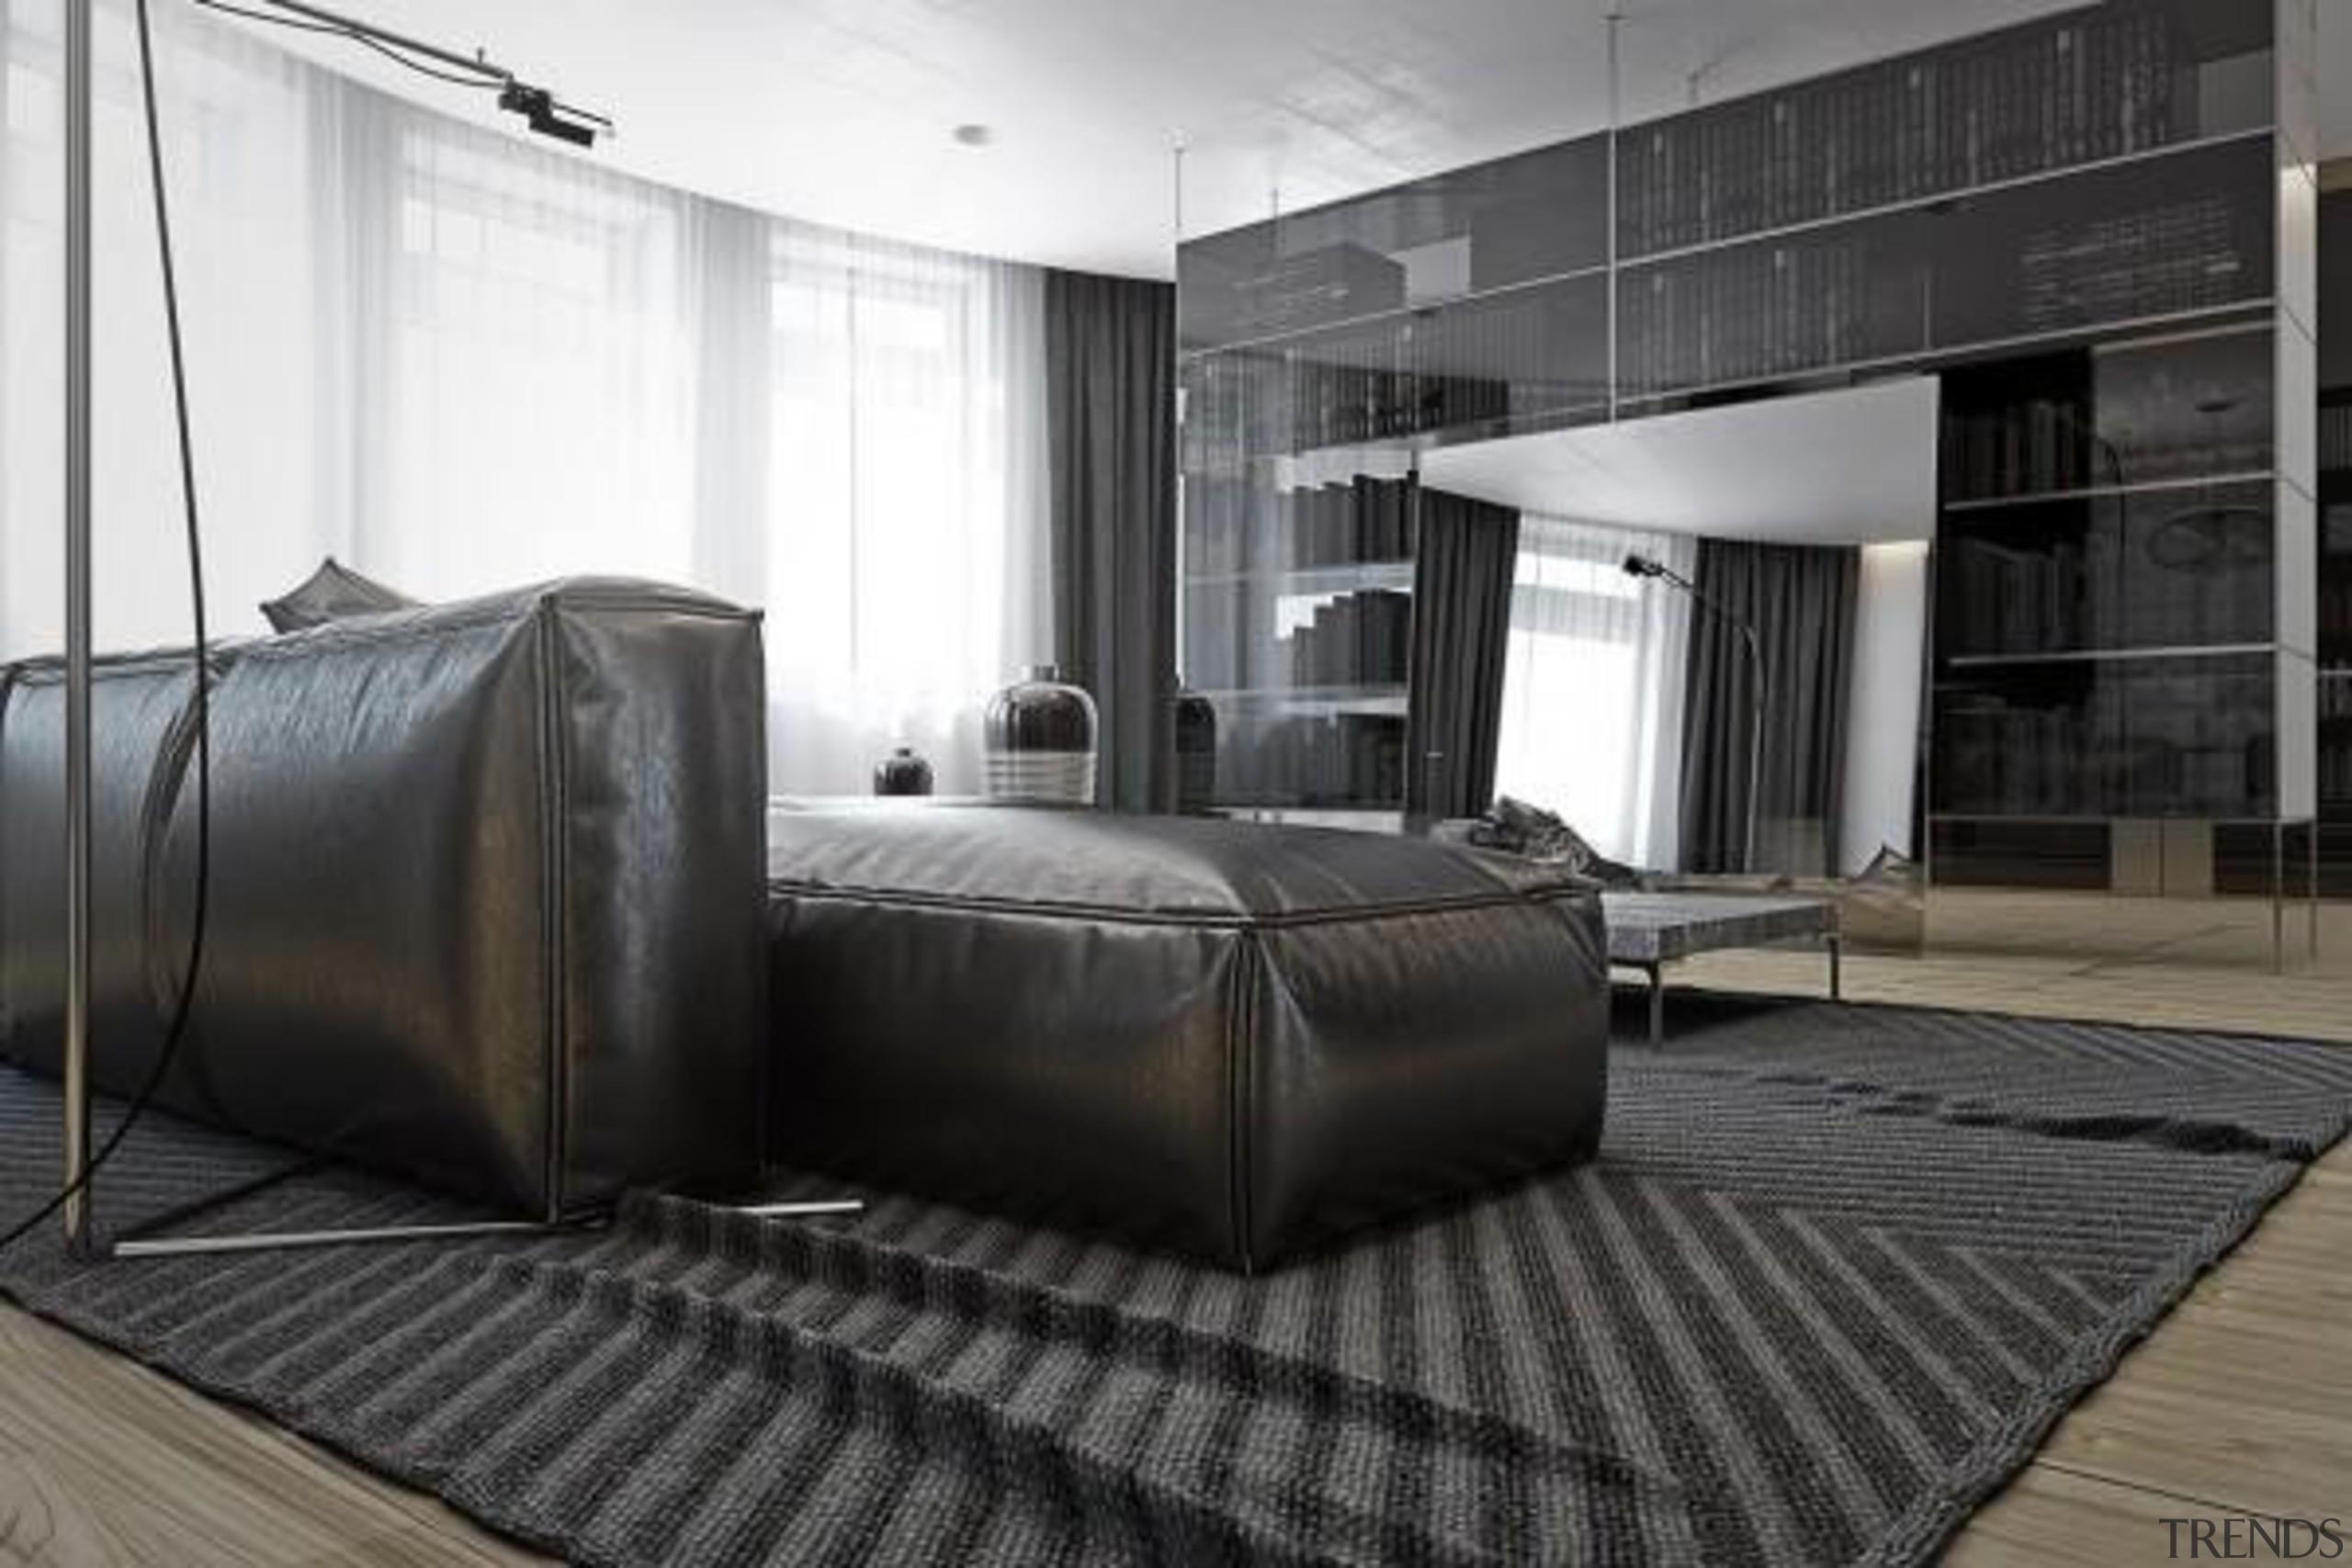 huge interior mirror - Masculine Apartments - floor floor, flooring, furniture, interior design, black